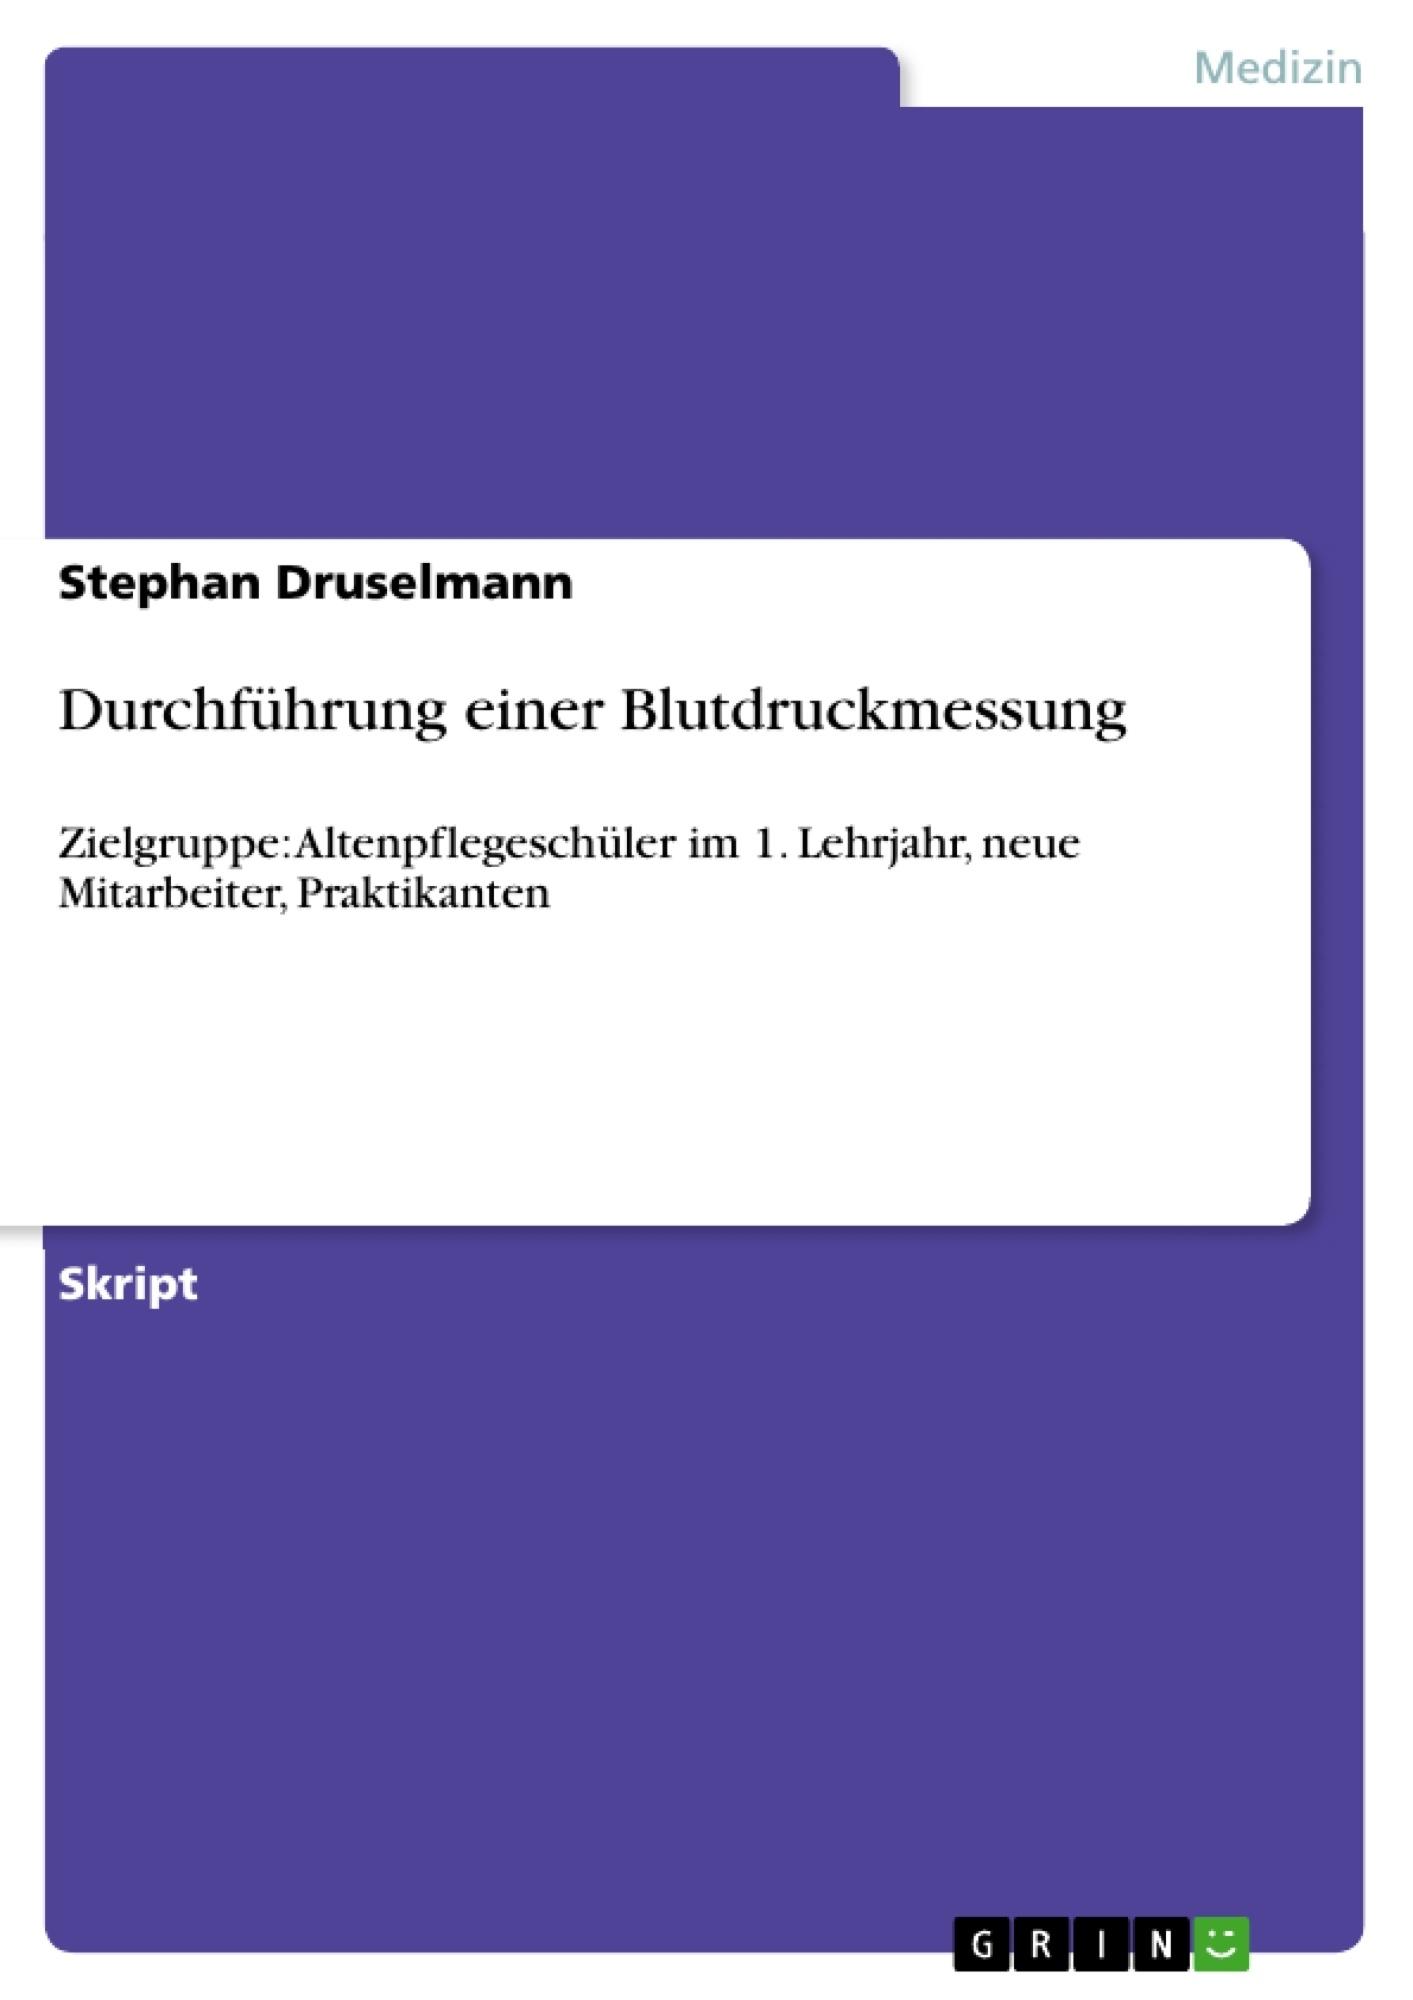 Dissertation formatvorlage